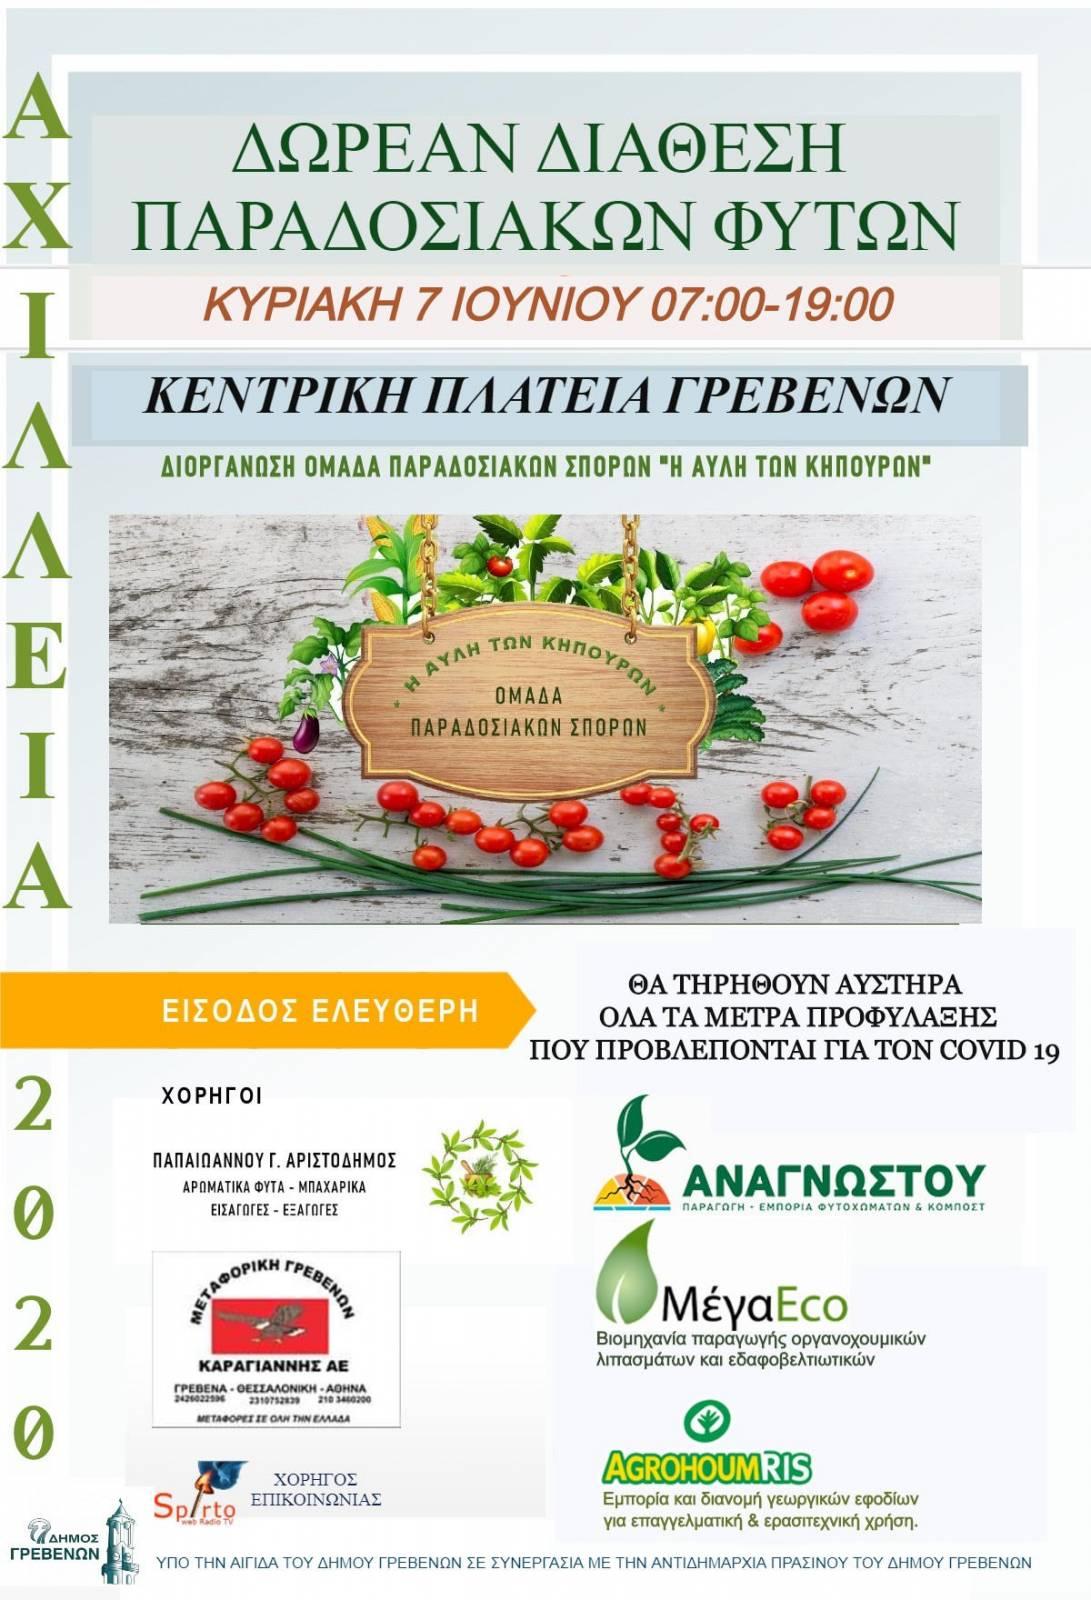 """""""Η Αυλή των Κηπουρών"""" θα βρίσκεται στα Γρεβενά την Κυριακή 7 Ιουνίου- Δωρεάν διάθεση παραδοσιακών σπόρων"""